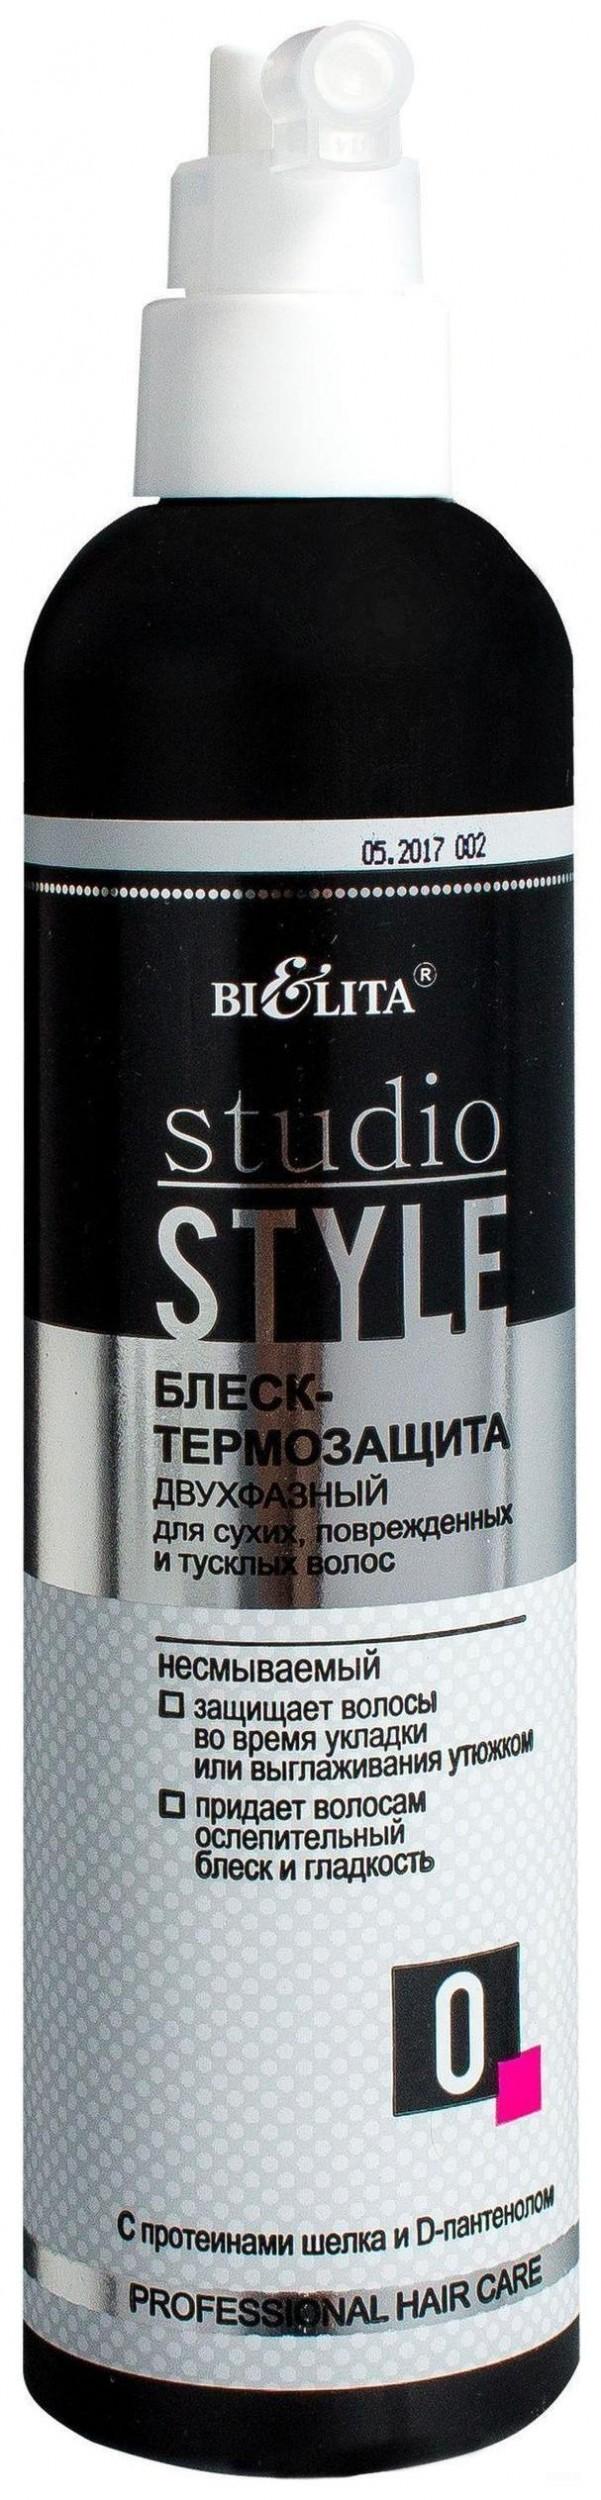 Блеск-термозащита двухфазный для сухих, поврежденных и тусклых волос  Белита - Витекс